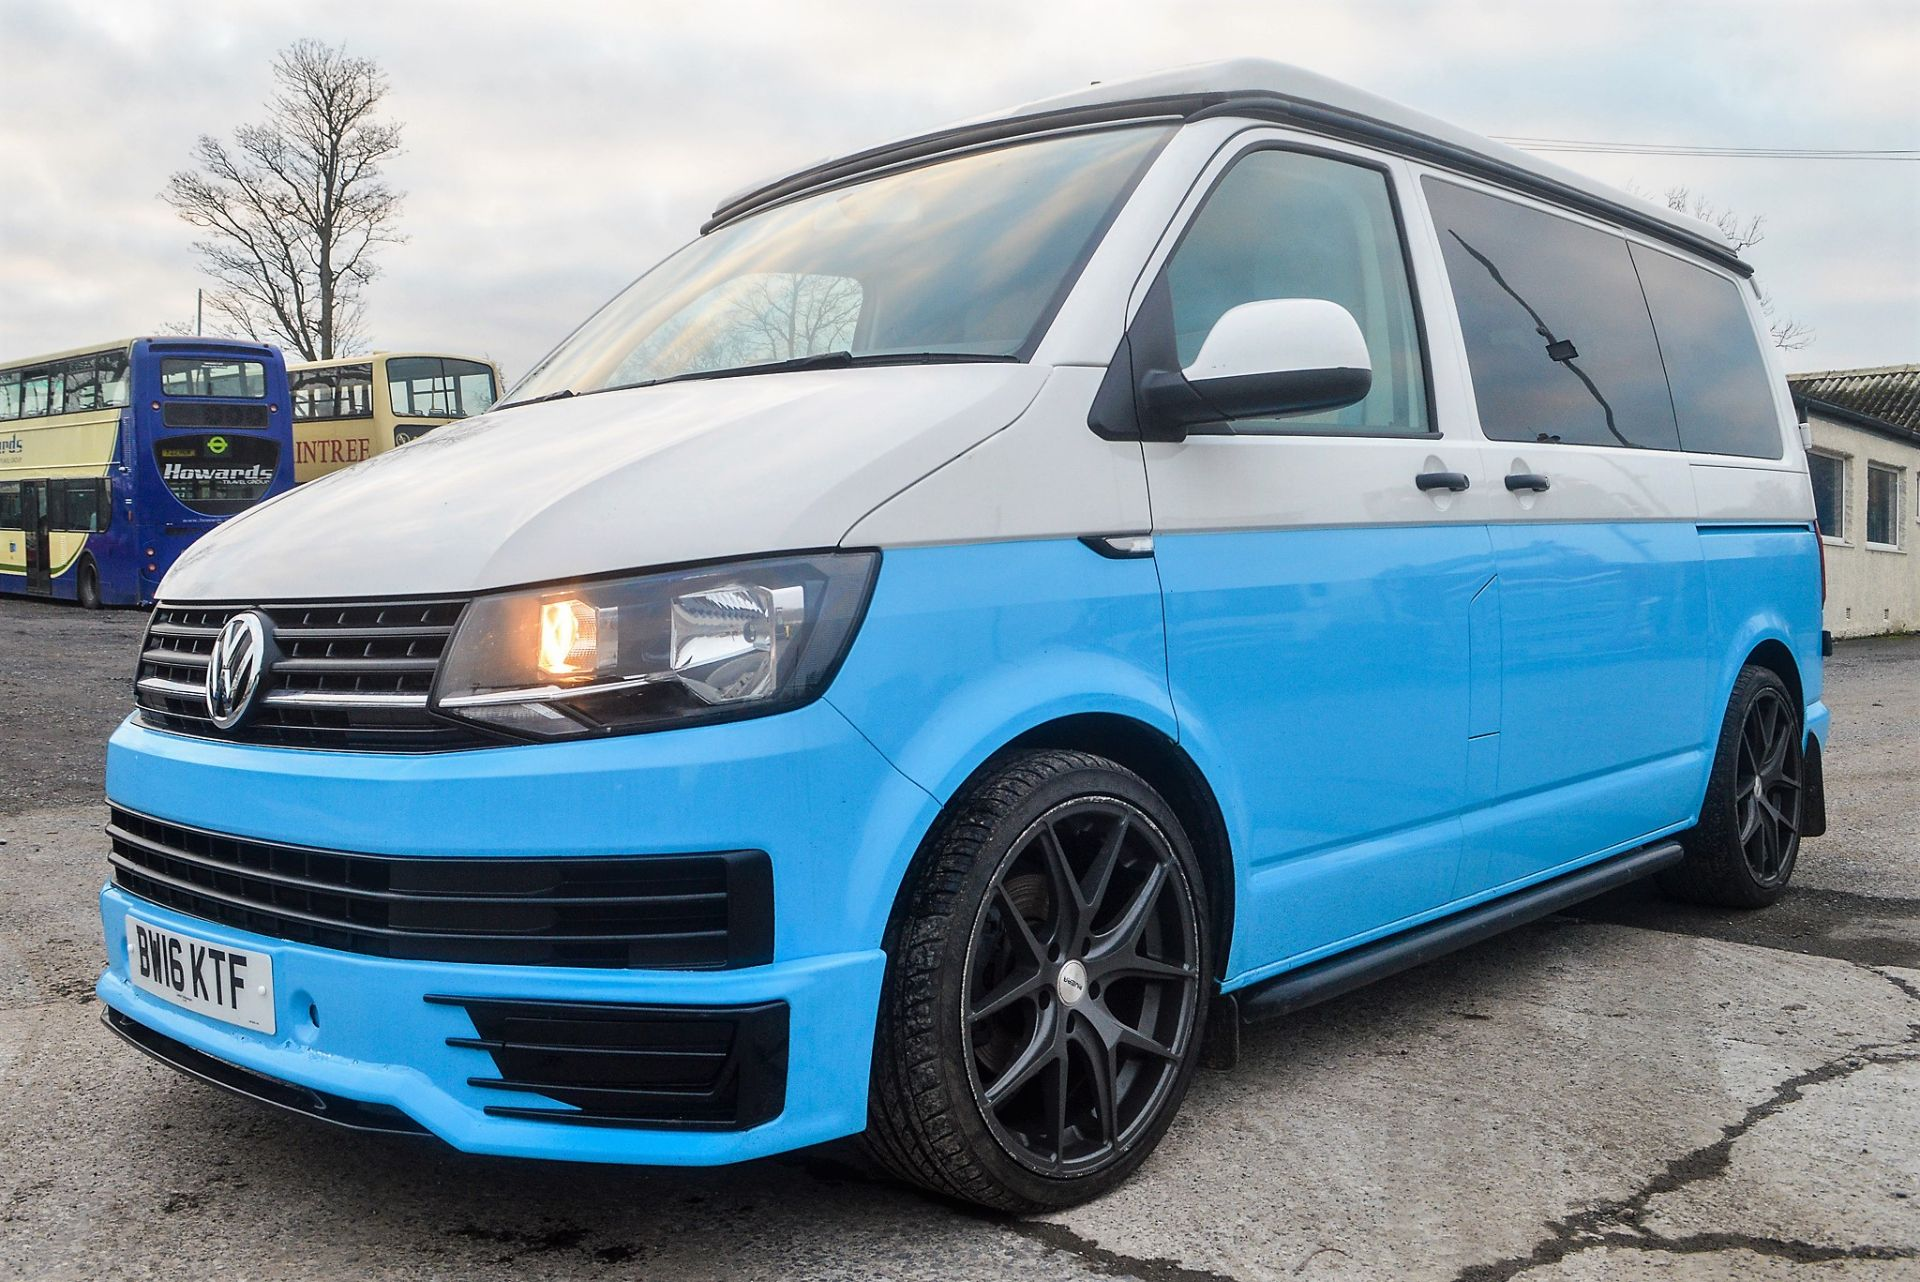 Lot 18 - Volkswagen Transporter T28 S-Line TDi camper van Registration Number: BW16 KTF Date of Registration: